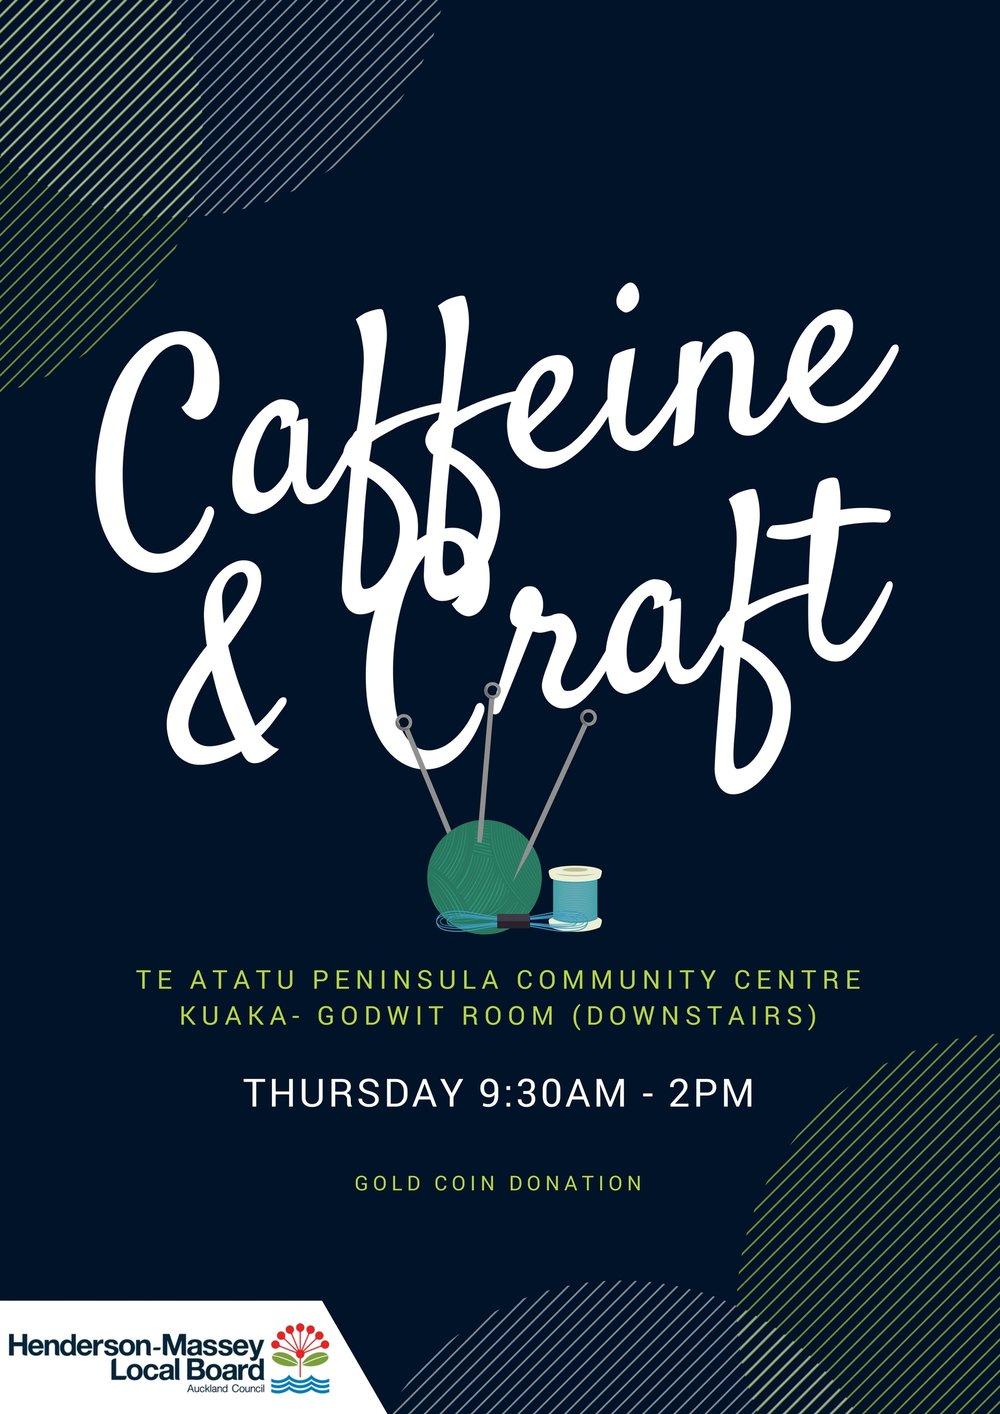 Caffine & Craft 2018.jpg